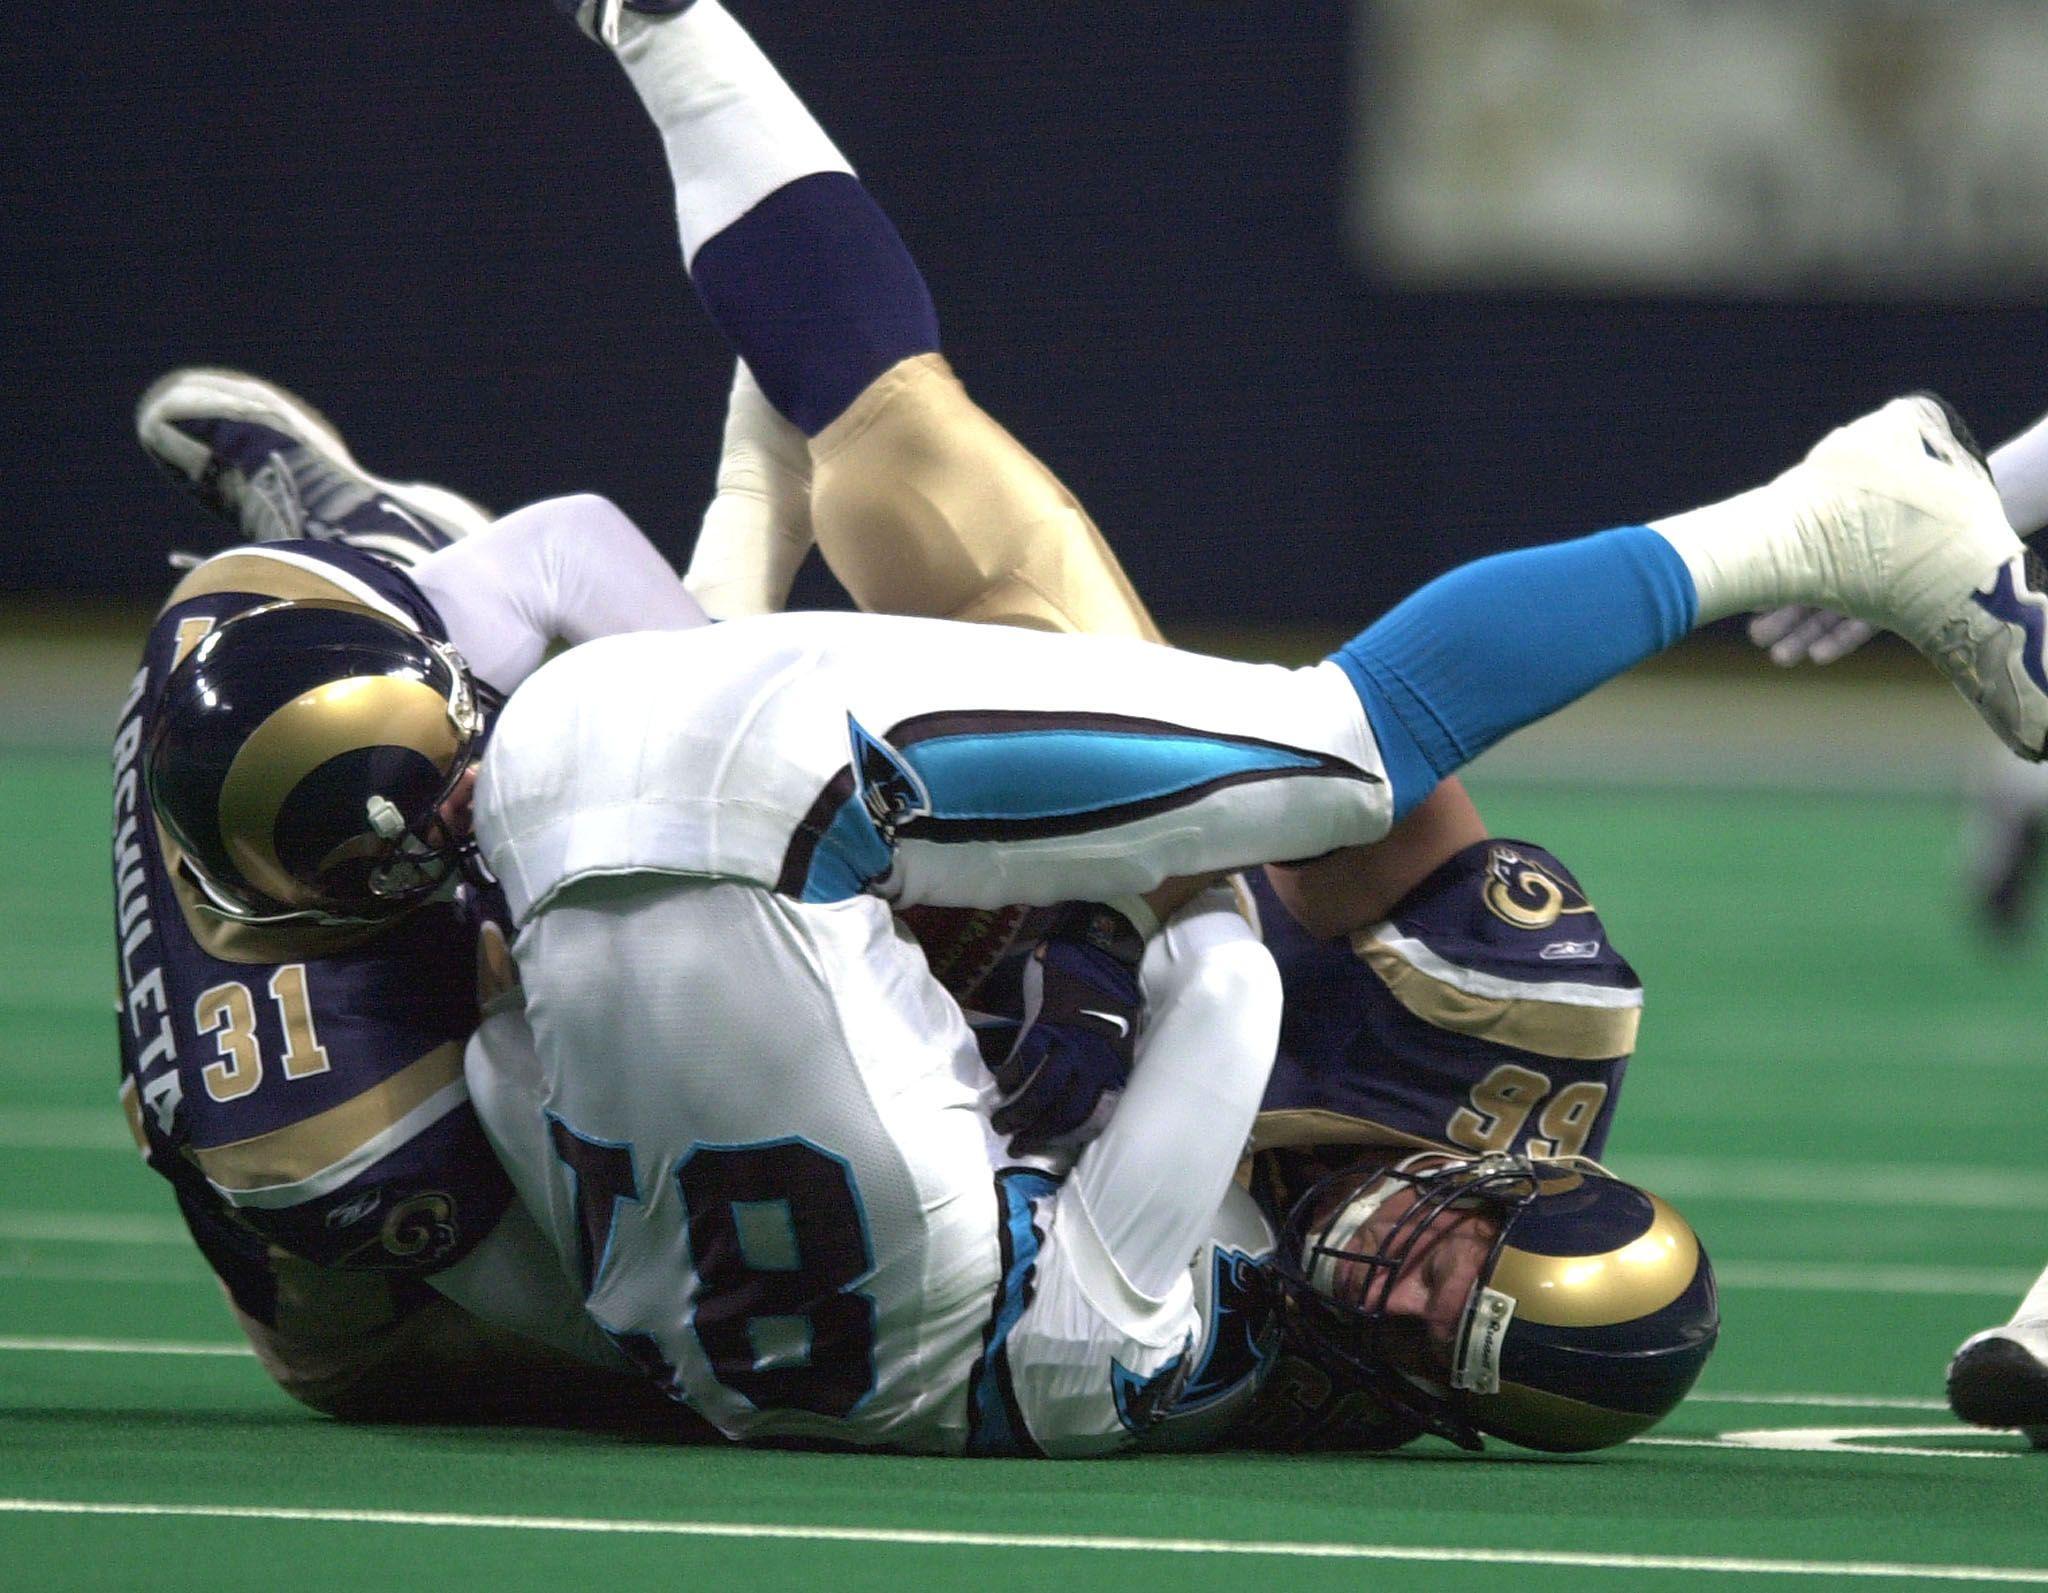 NFL tackle